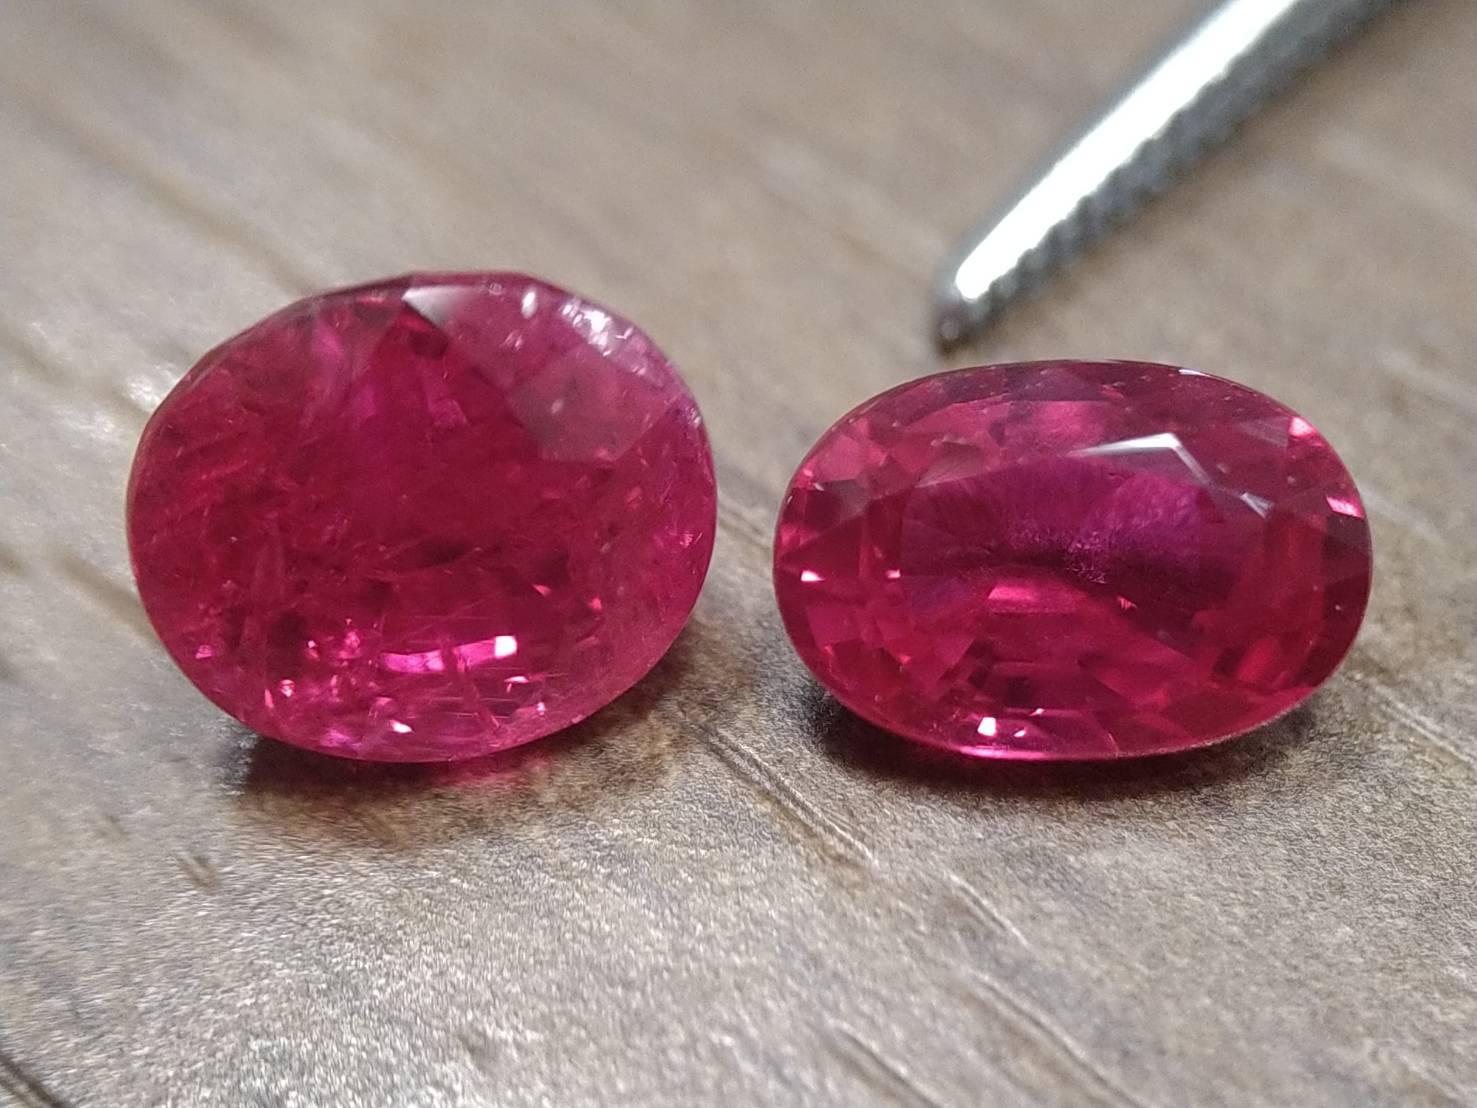 カーバンクル赤い宝石としてルビーは人気